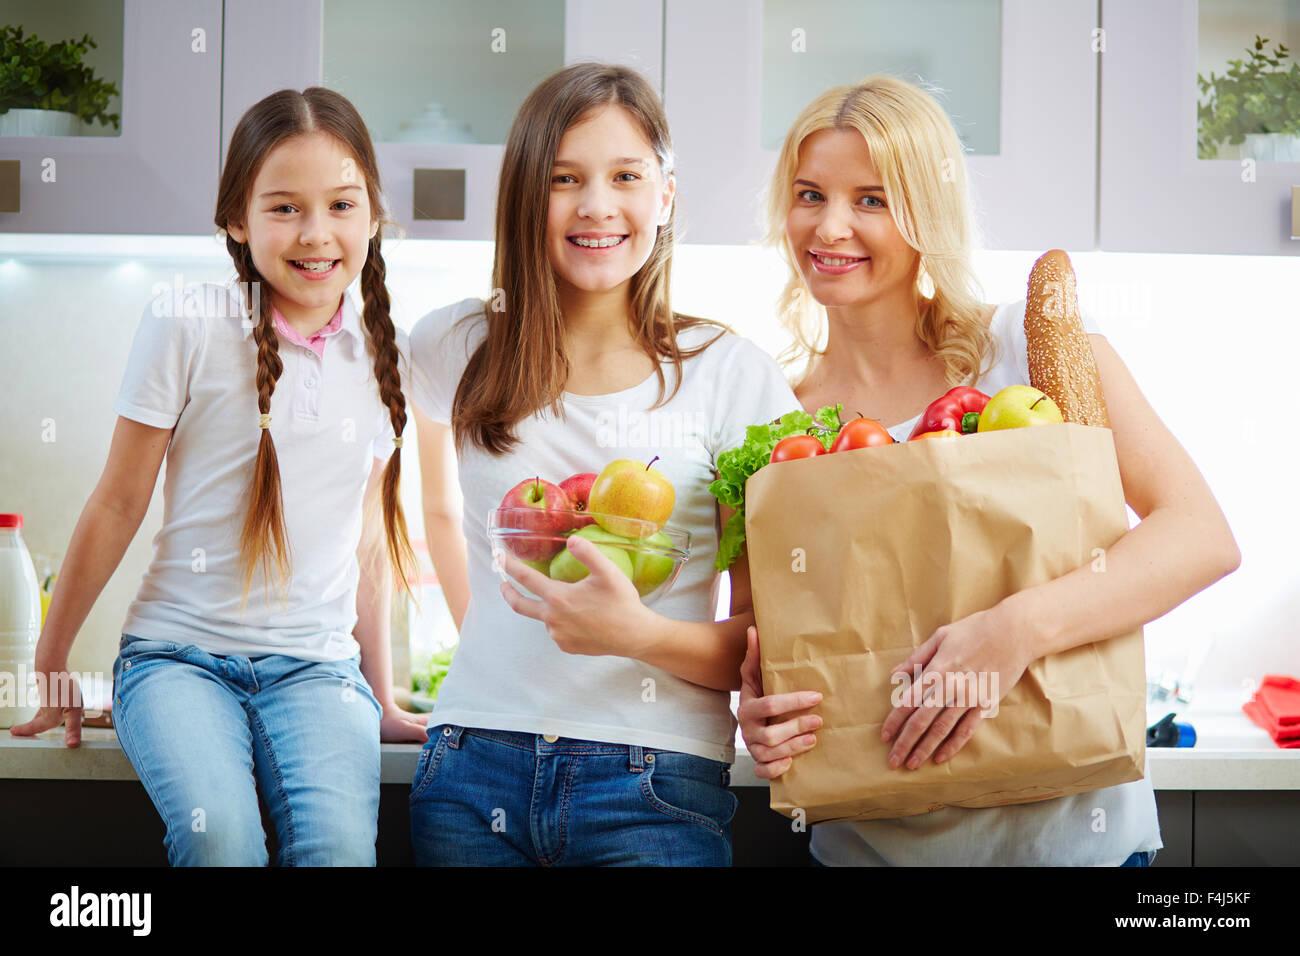 Junge Frau und zwei jungen Mädchen Blick in die Kamera in der Küche Stockbild